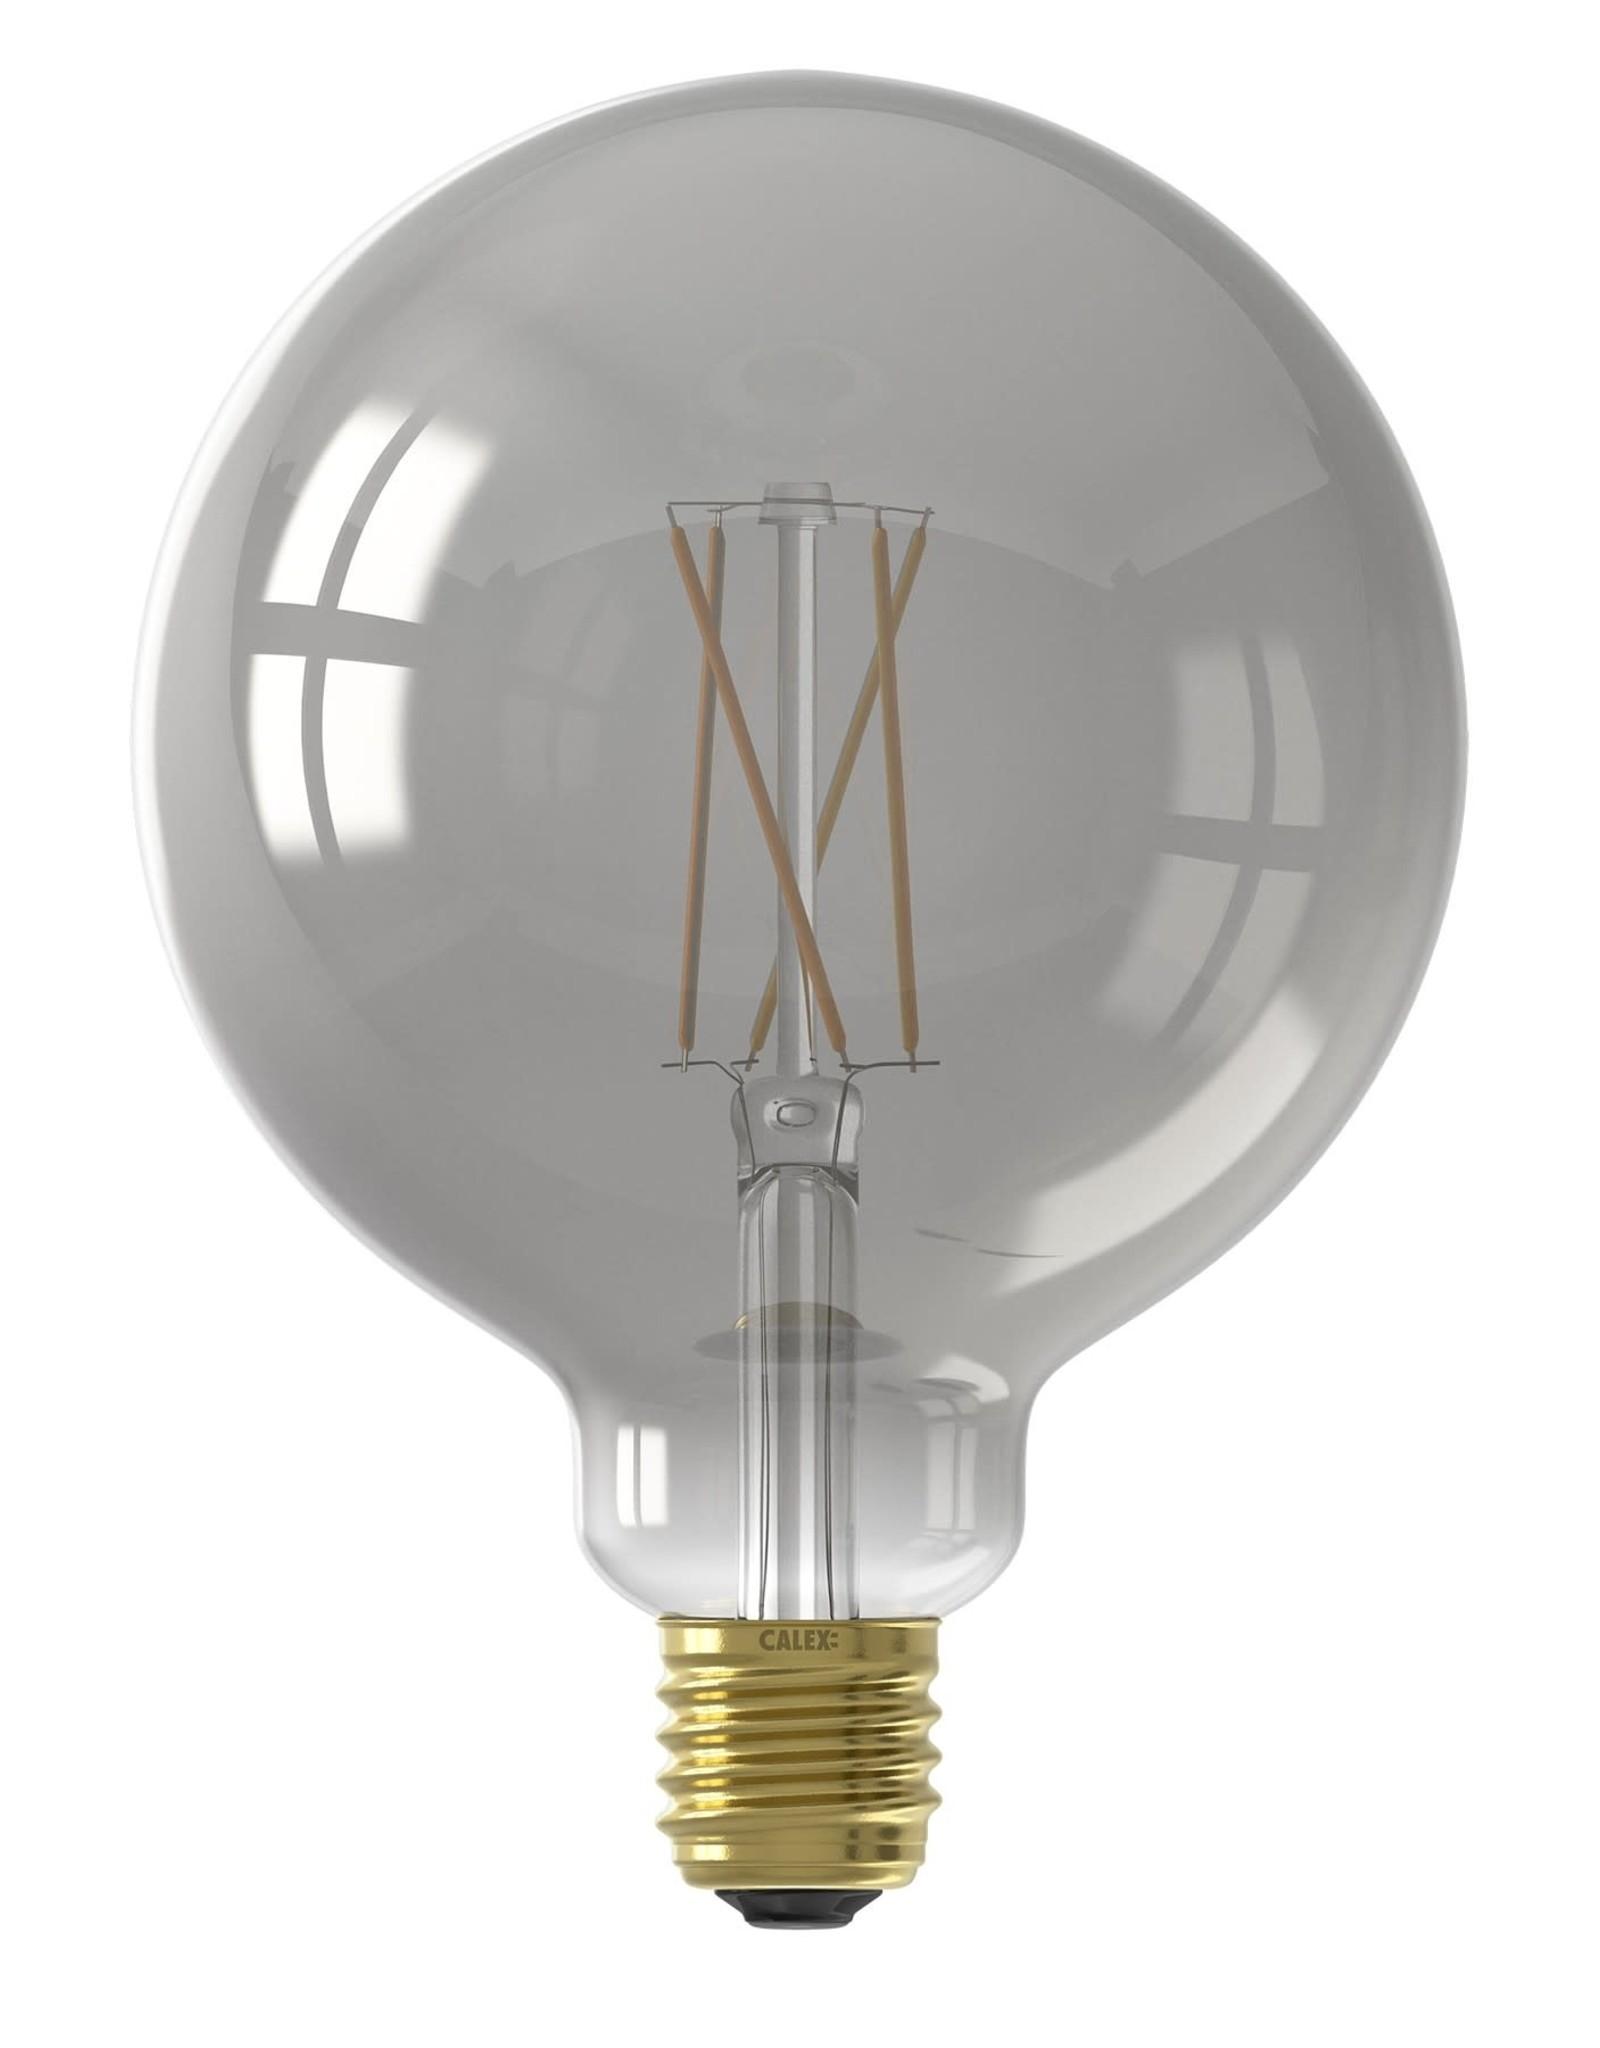 Calex Calex Smart LED Filament Smokey Globelamp G125 E27 220-240V 7W 400lm 1800-3000K, Golden cap